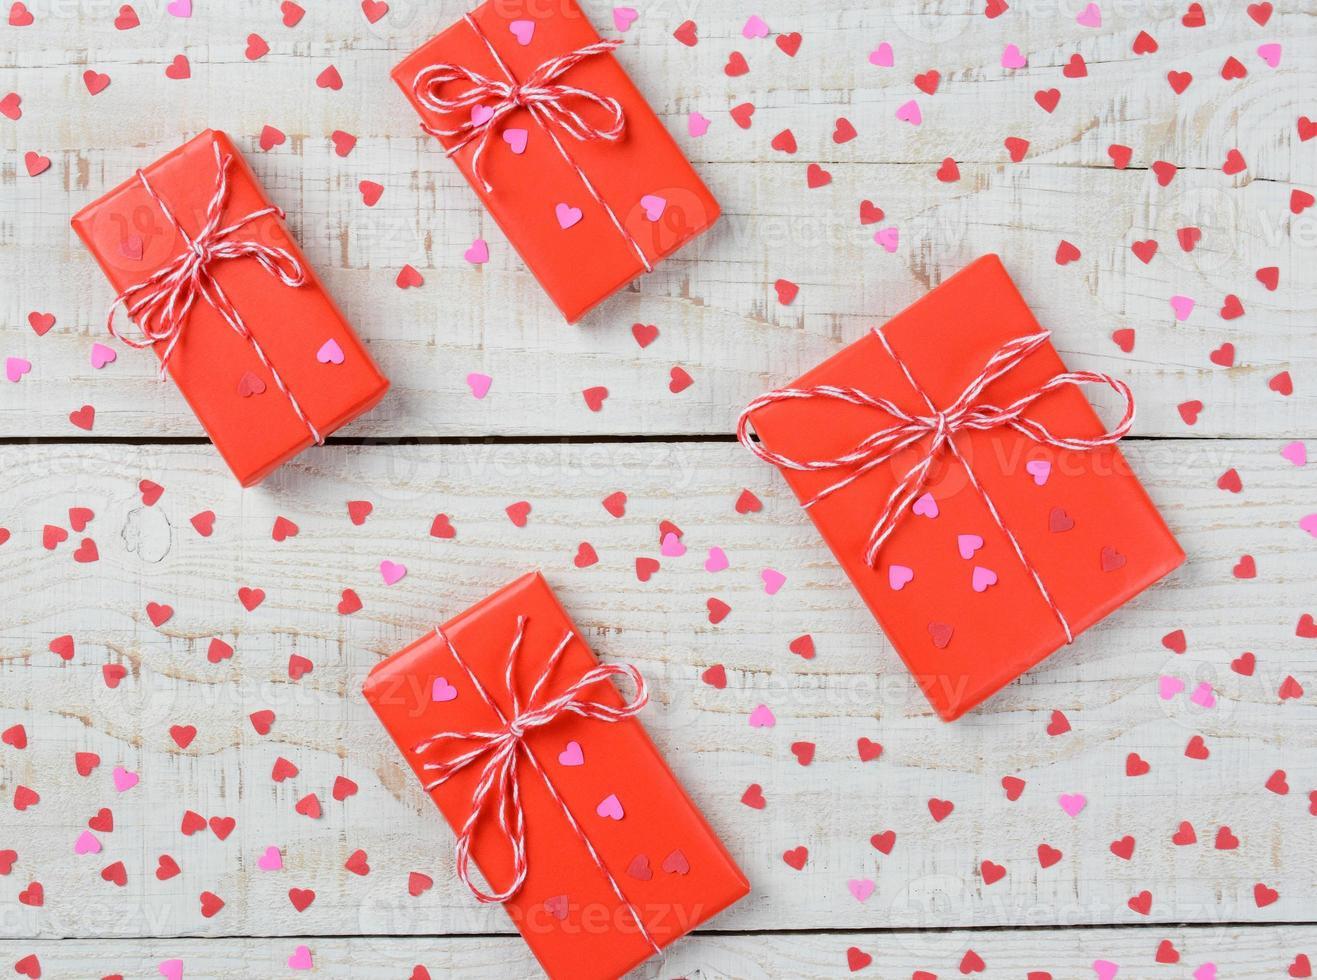 Valentinstag Geschenke und Herzen Nahaufnahme foto